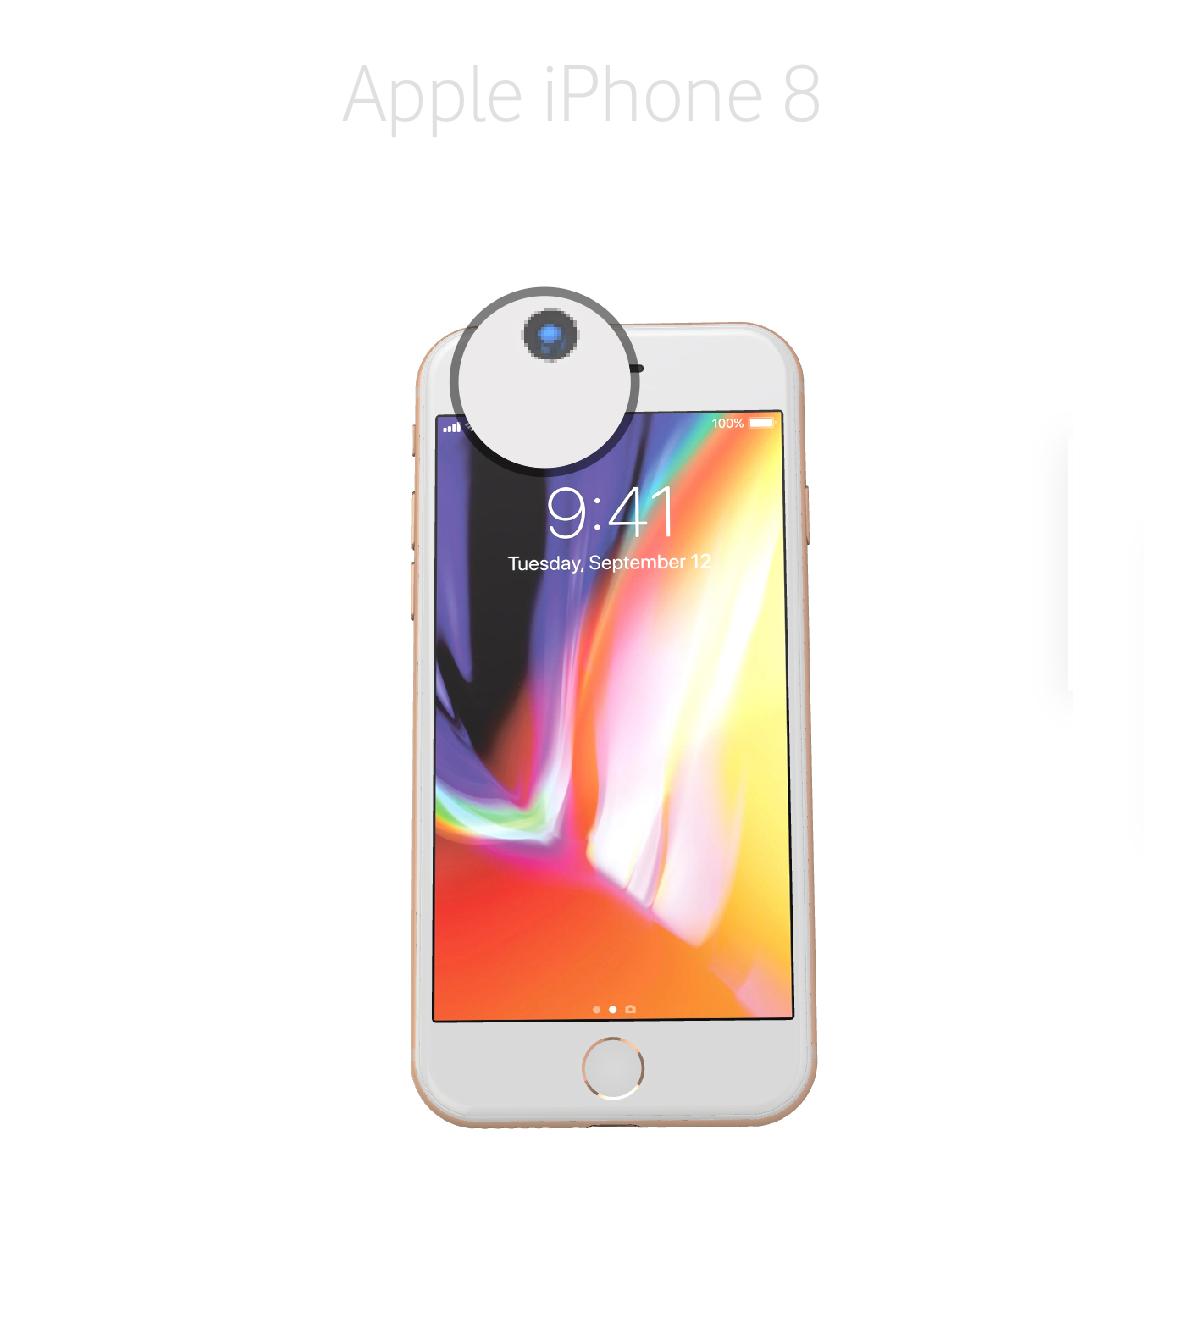 Laga kamera (selfie) iPhone 8